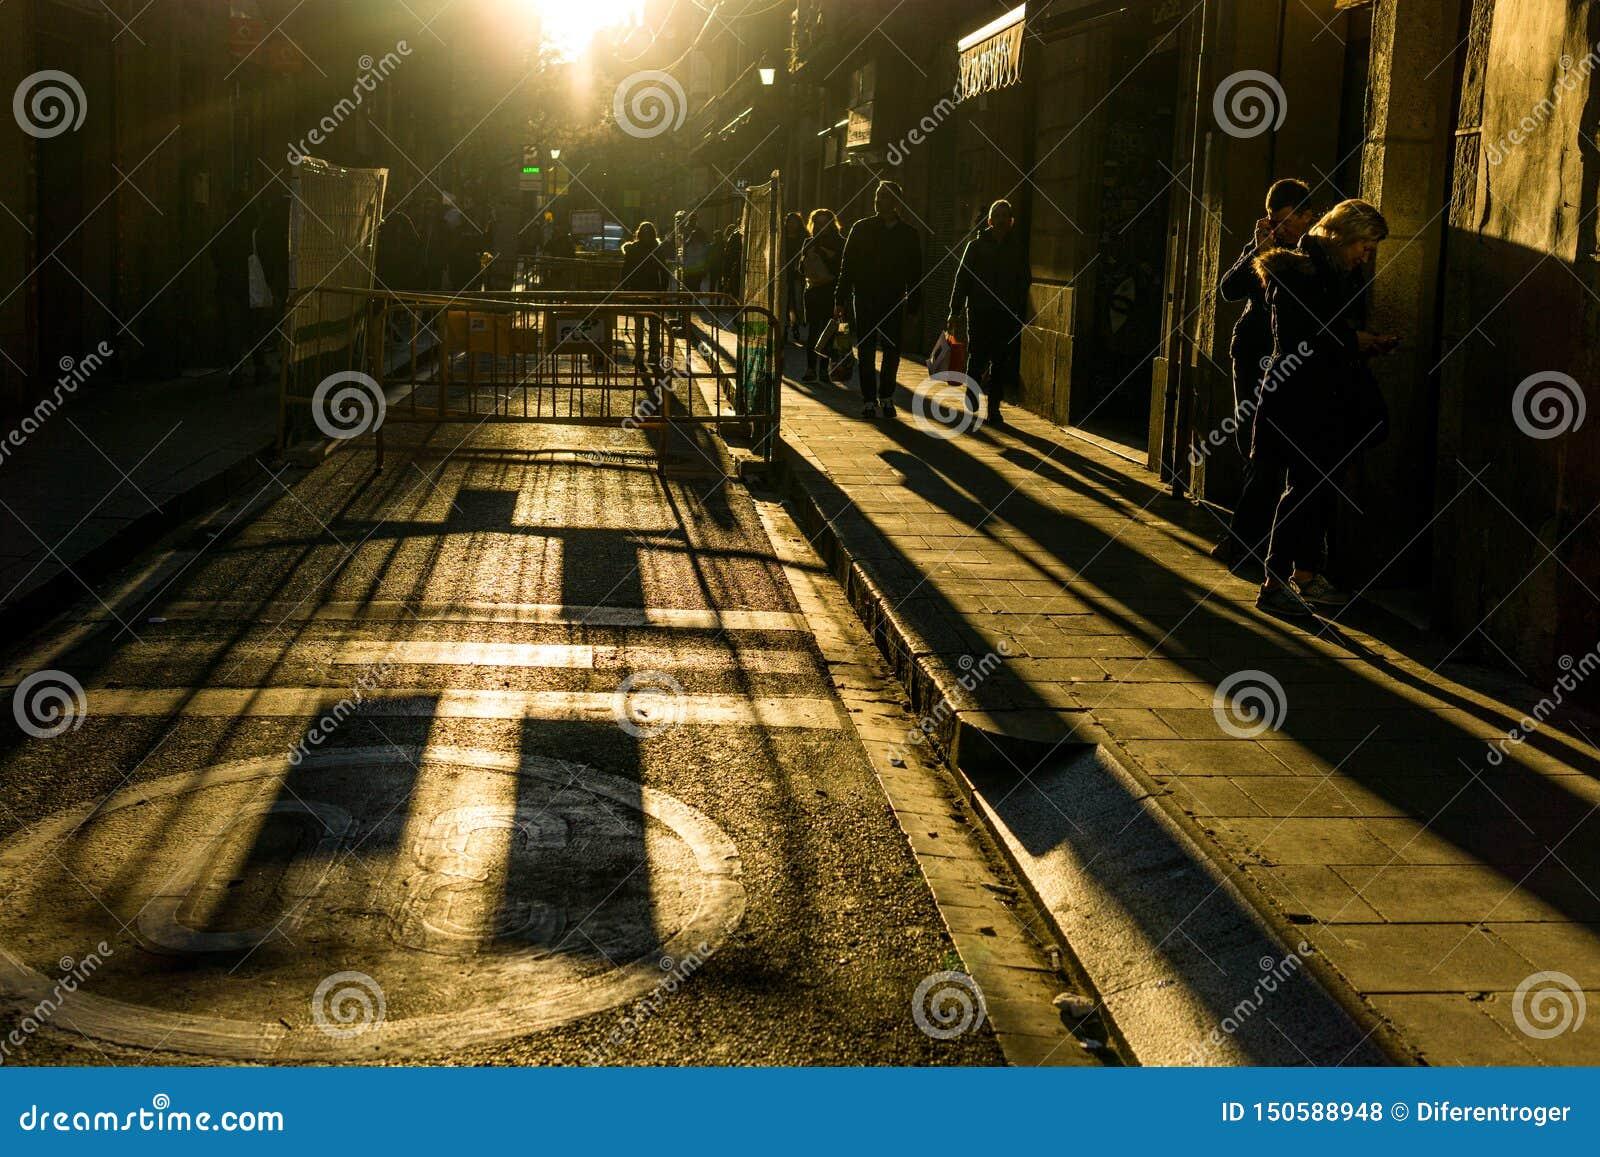 Straten met onherkenbare mensen met hoog contrast en donkere achtergrond